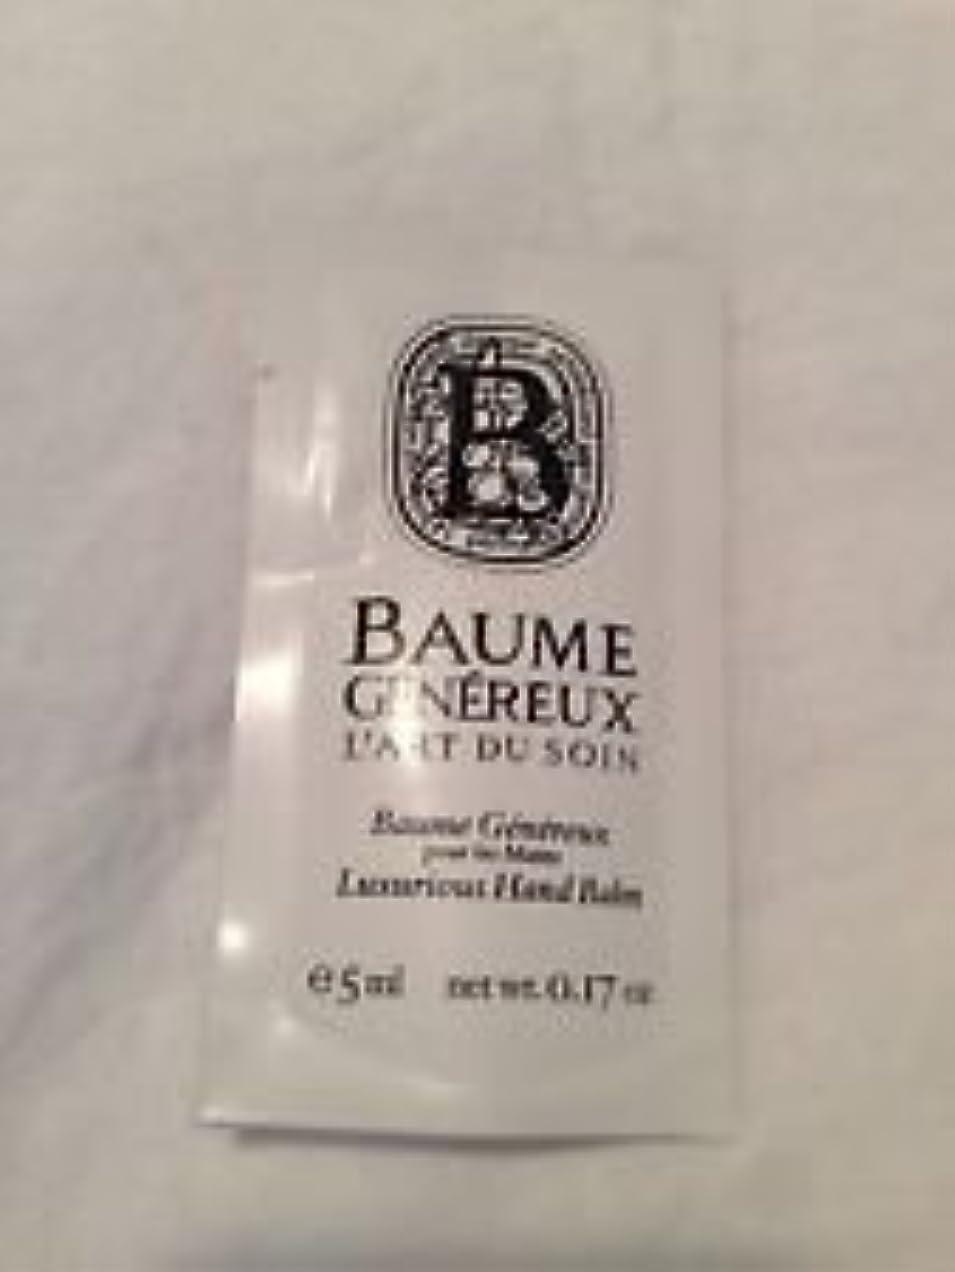 控えるプラットフォーム息切れDiptyque Baume Genereux (ディプティック ボーム ジェネリュク) 0.17 oz (5ml) ハンドバルム サンプル for Women